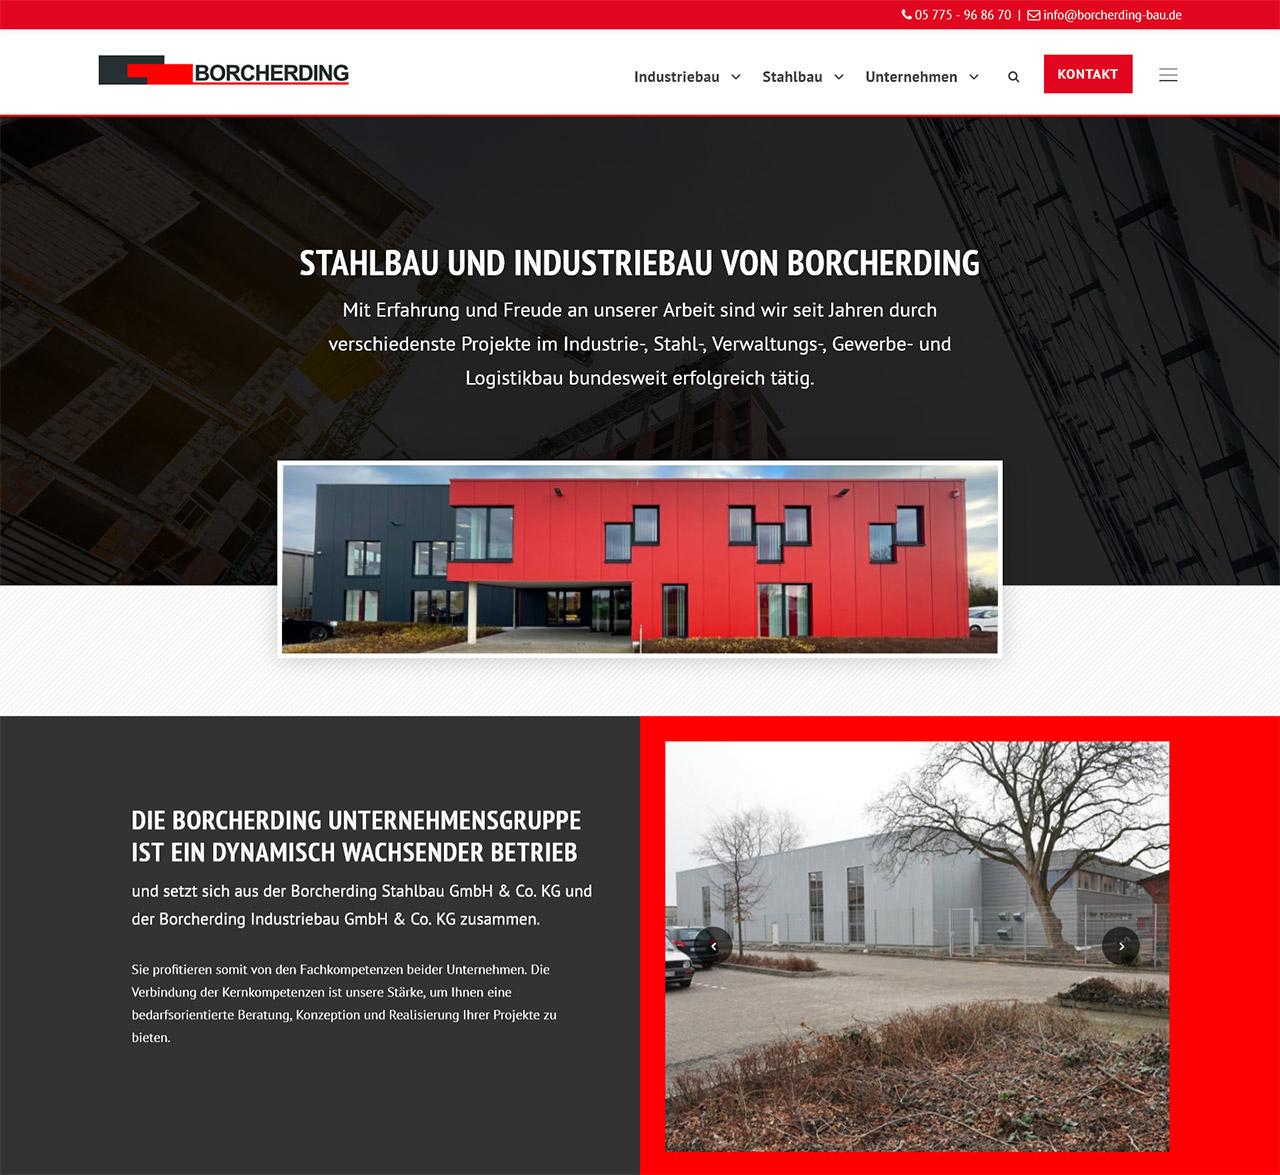 Borcherding Bau - Industriebau, Stahlbau